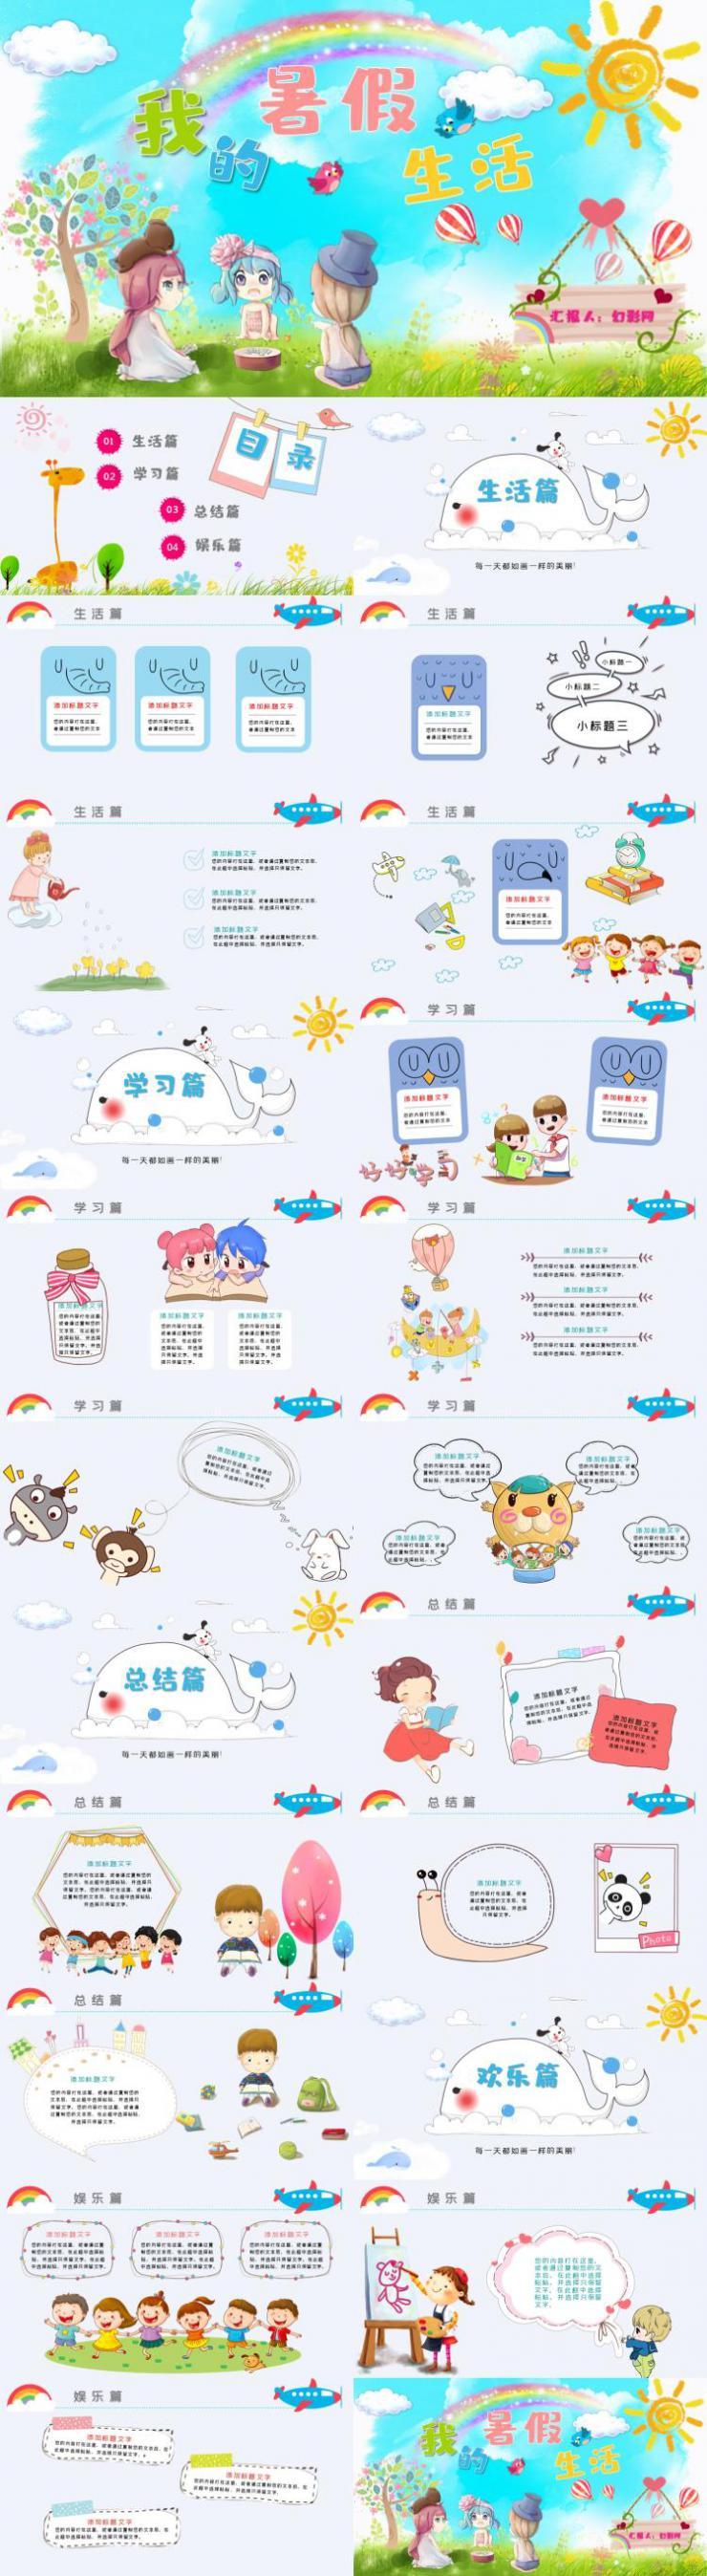 蓝色暑假小清新阳光卡通PPT模板